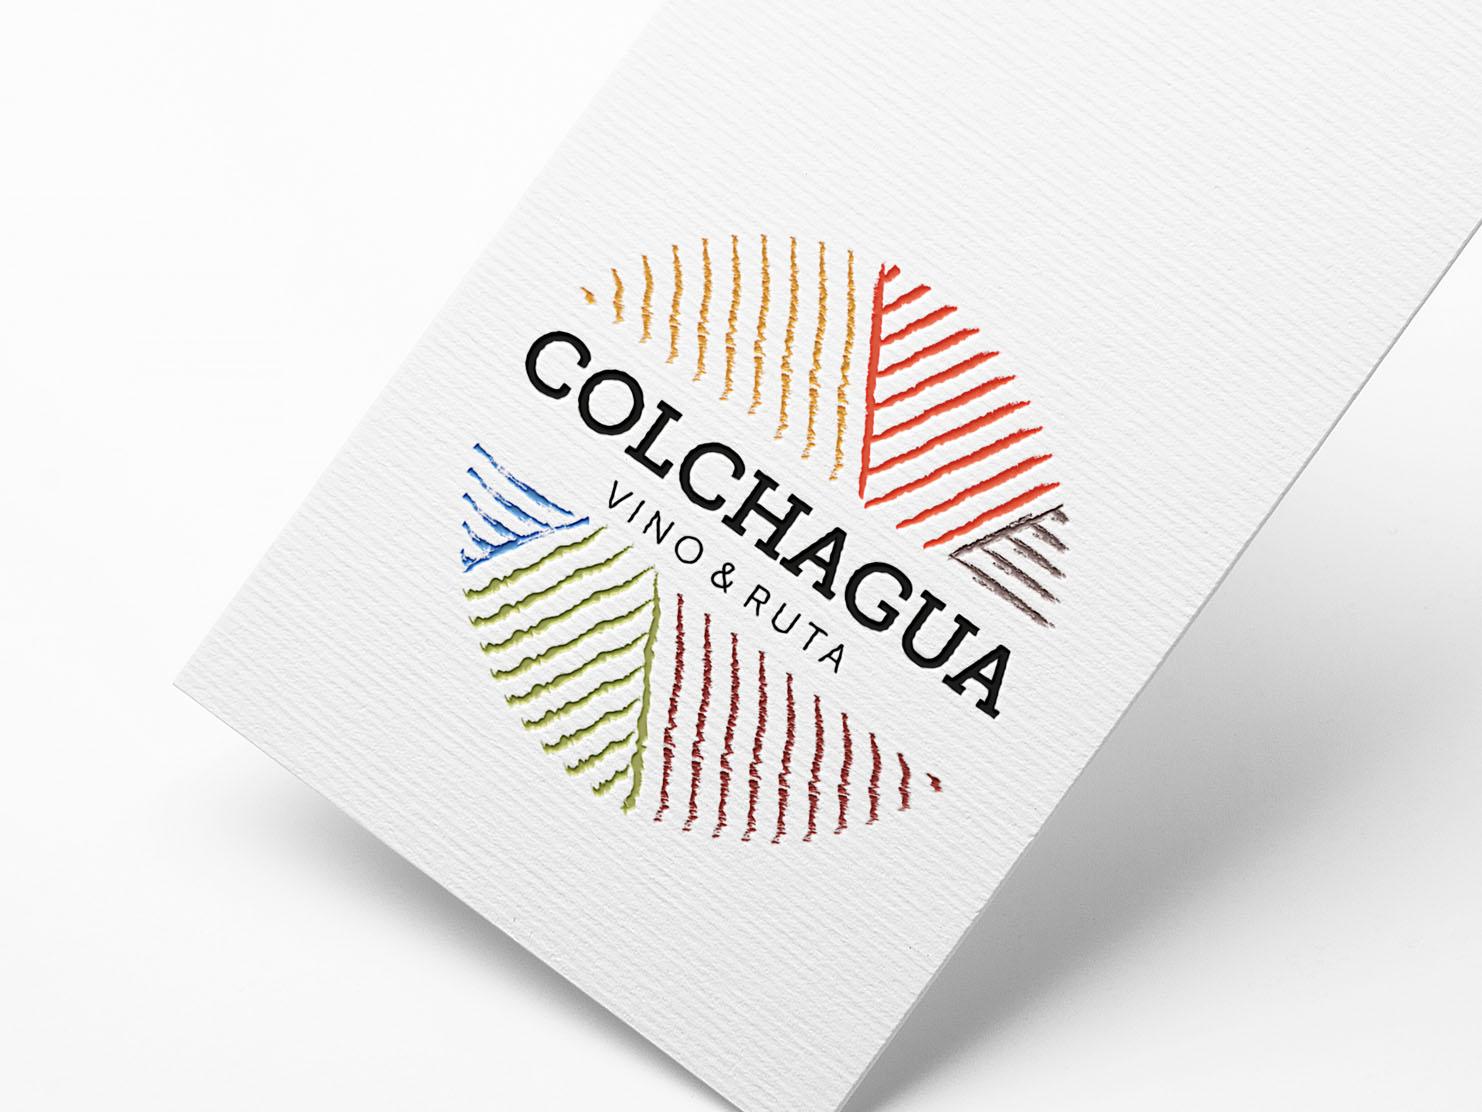 colchagua01-1